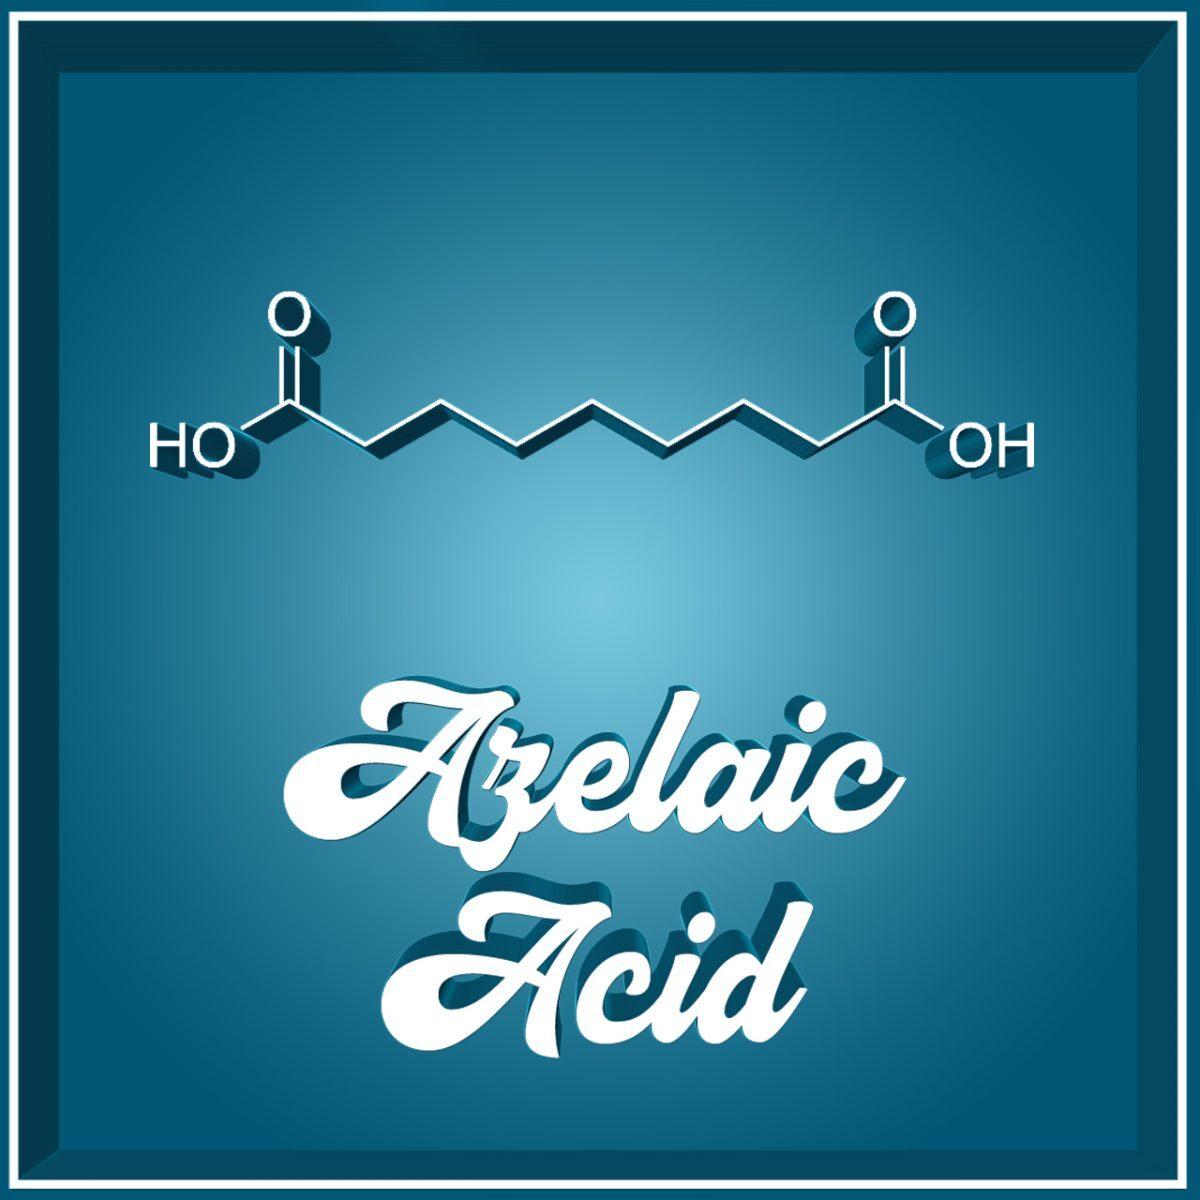 Azelaic Acid Azelainsäure Molekül